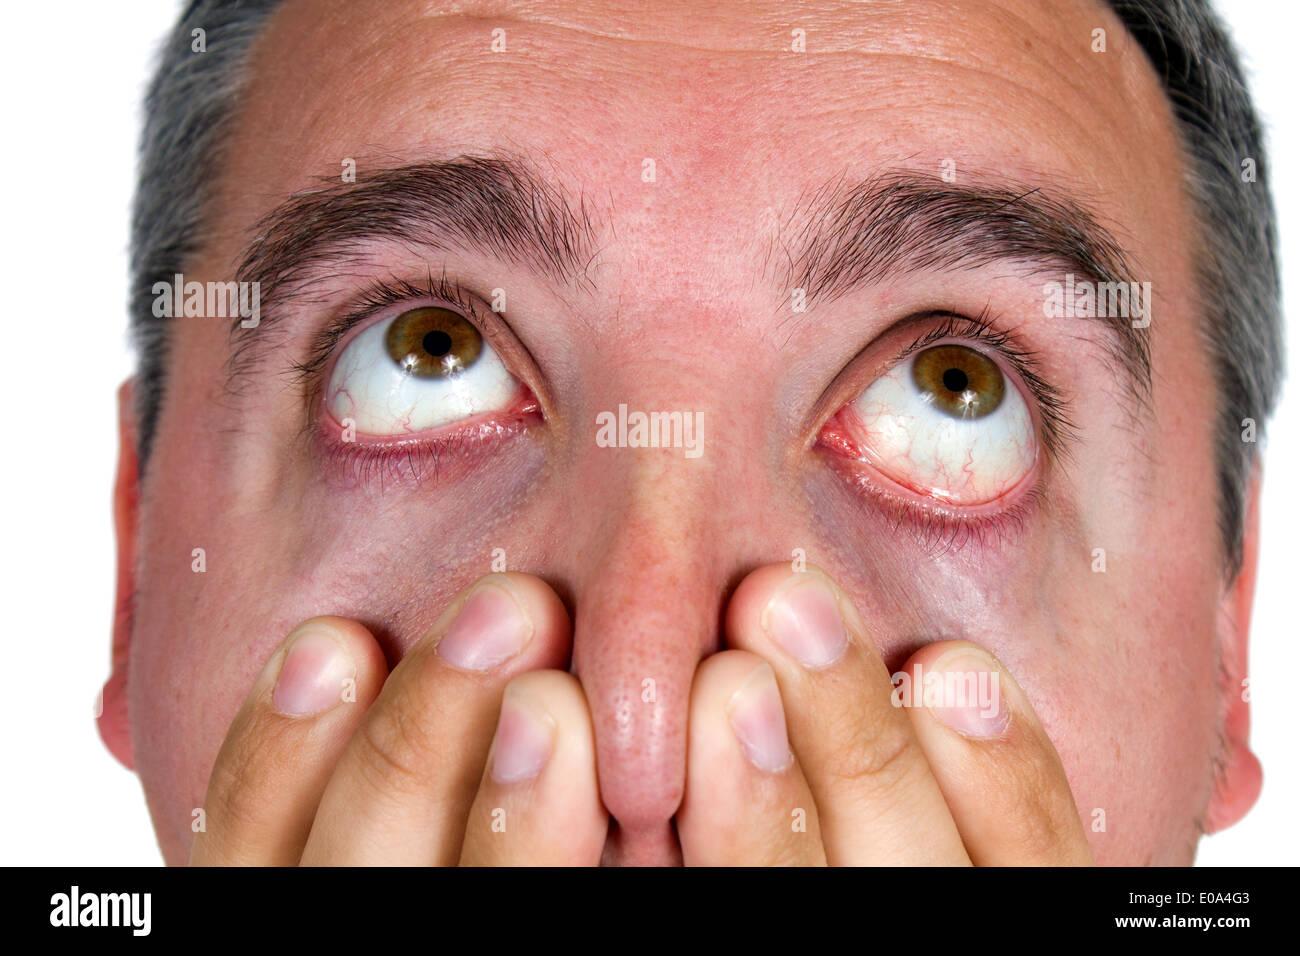 Los ojos del hombre como él mira arriba en la sorpresa y el shock. Imagen De Stock